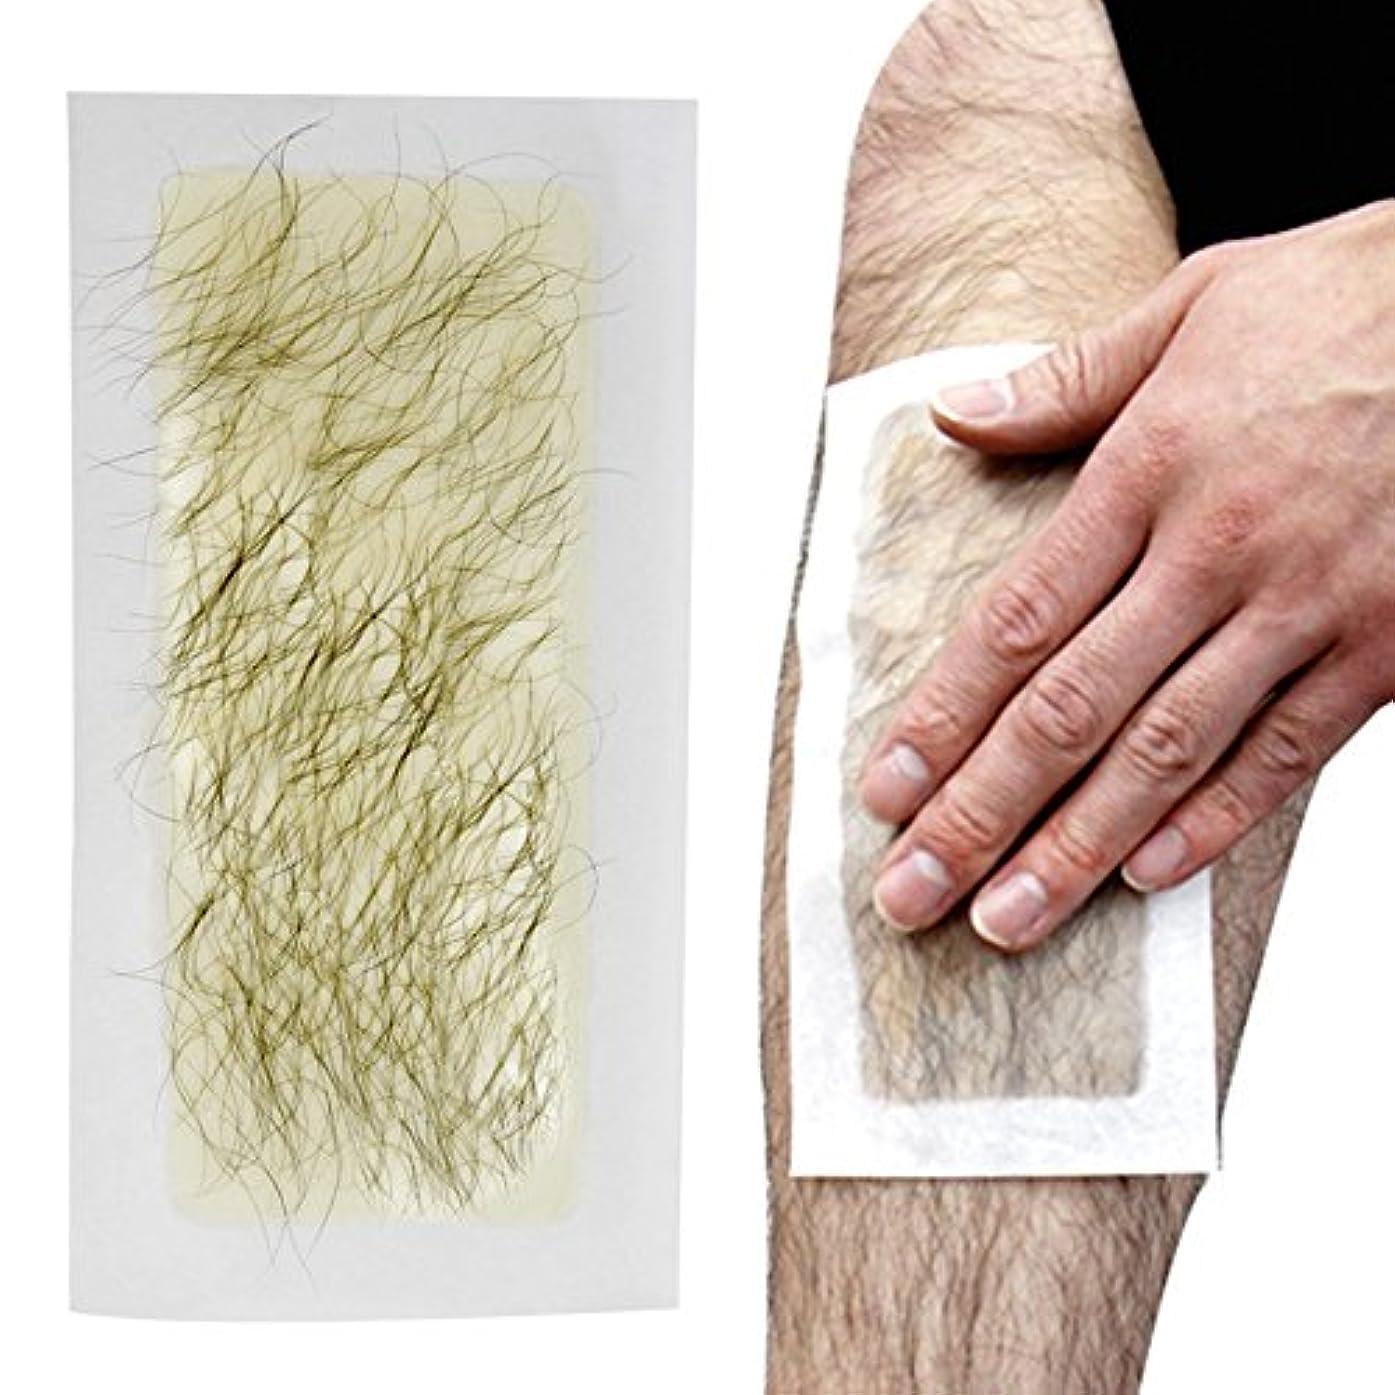 ハチスポット破壊する脱毛シート 100回分 ブラジリアンワックス 処理 お手軽美人 脱毛纸 脱毛テープ